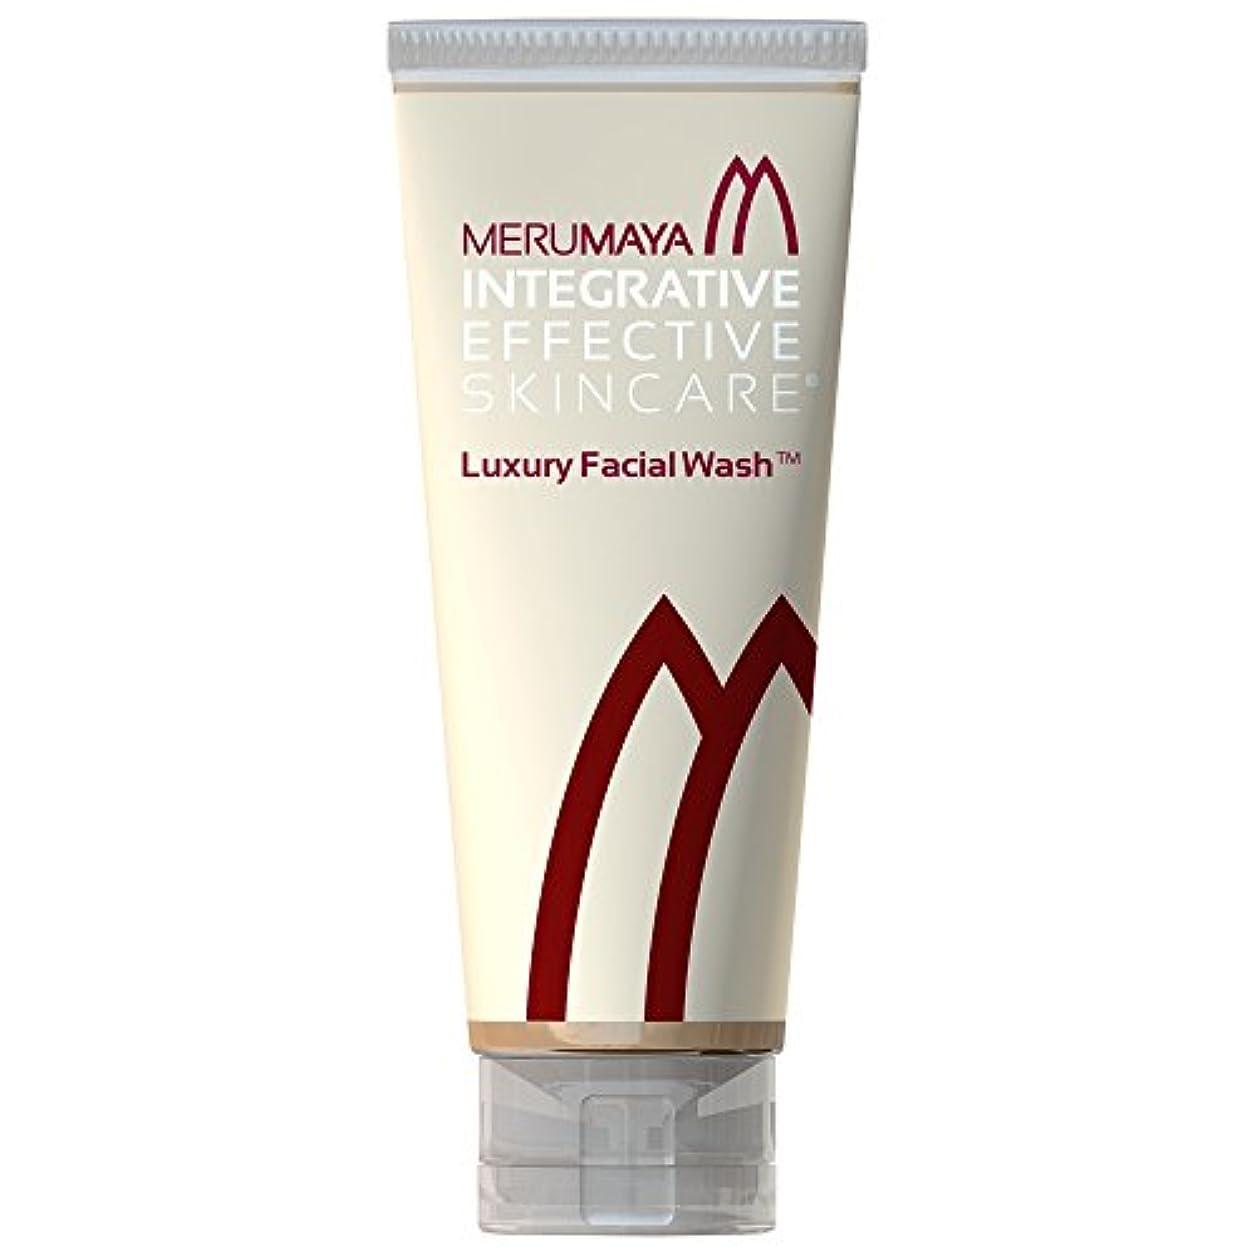 熟練した選択するに向かってMerumaya高級洗顔?、100ミリリットル (Merumaya) - MERUMAYA Luxury Facial Wash?, 100ml [並行輸入品]